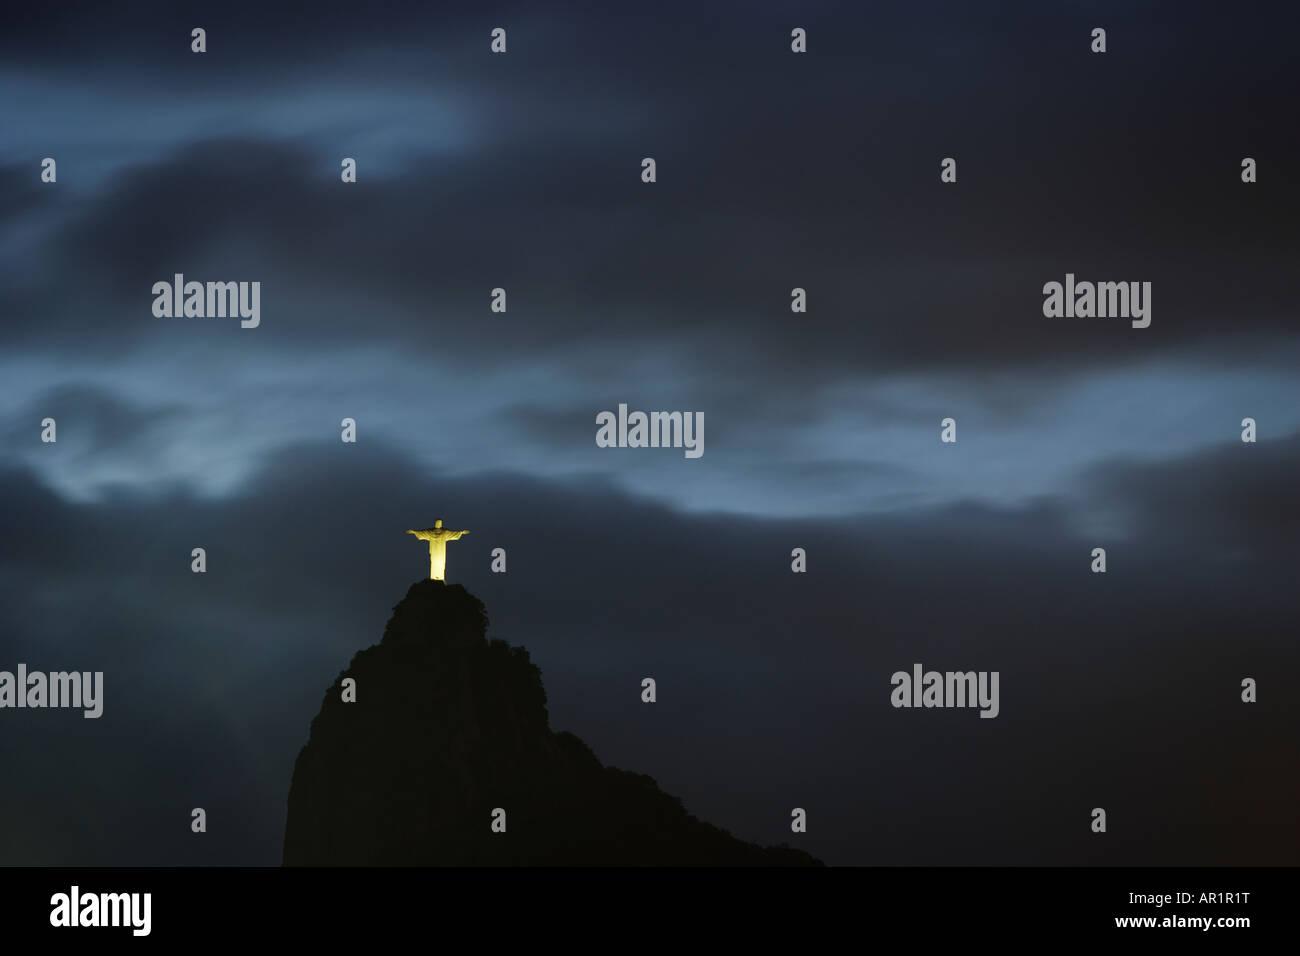 Sun setting and grey sky behind Corcovado Cristo Redentor Christ the Redeemer in Rio De Janeiro Brazil - Stock Image